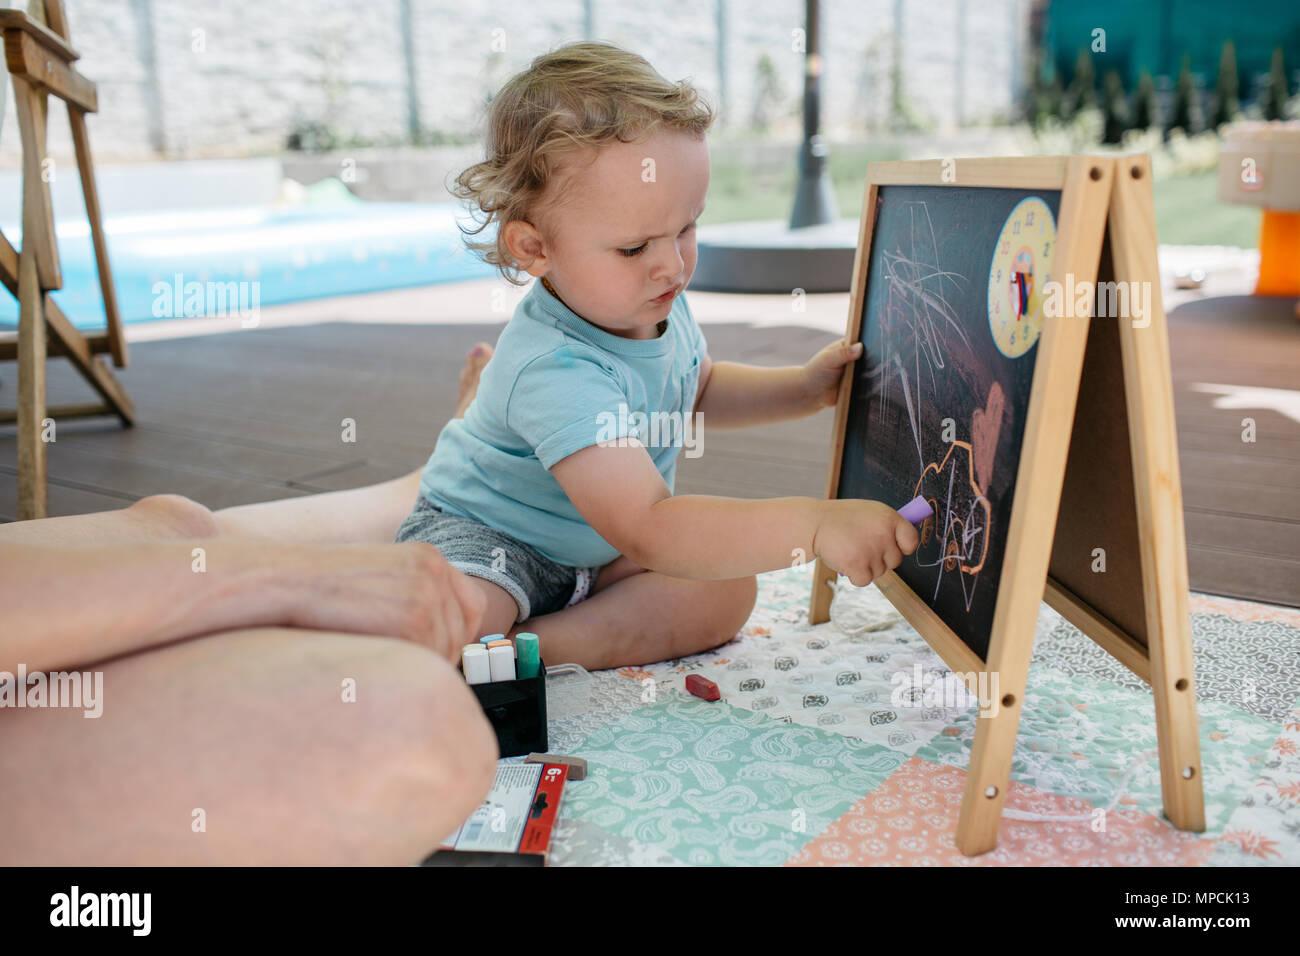 Ein Kleinkind genießen selbst Zeichnen auf einem schwarzen Brett. Ein kleiner Junge kritzeln mit Kreide auf einer Tafel. Stockbild